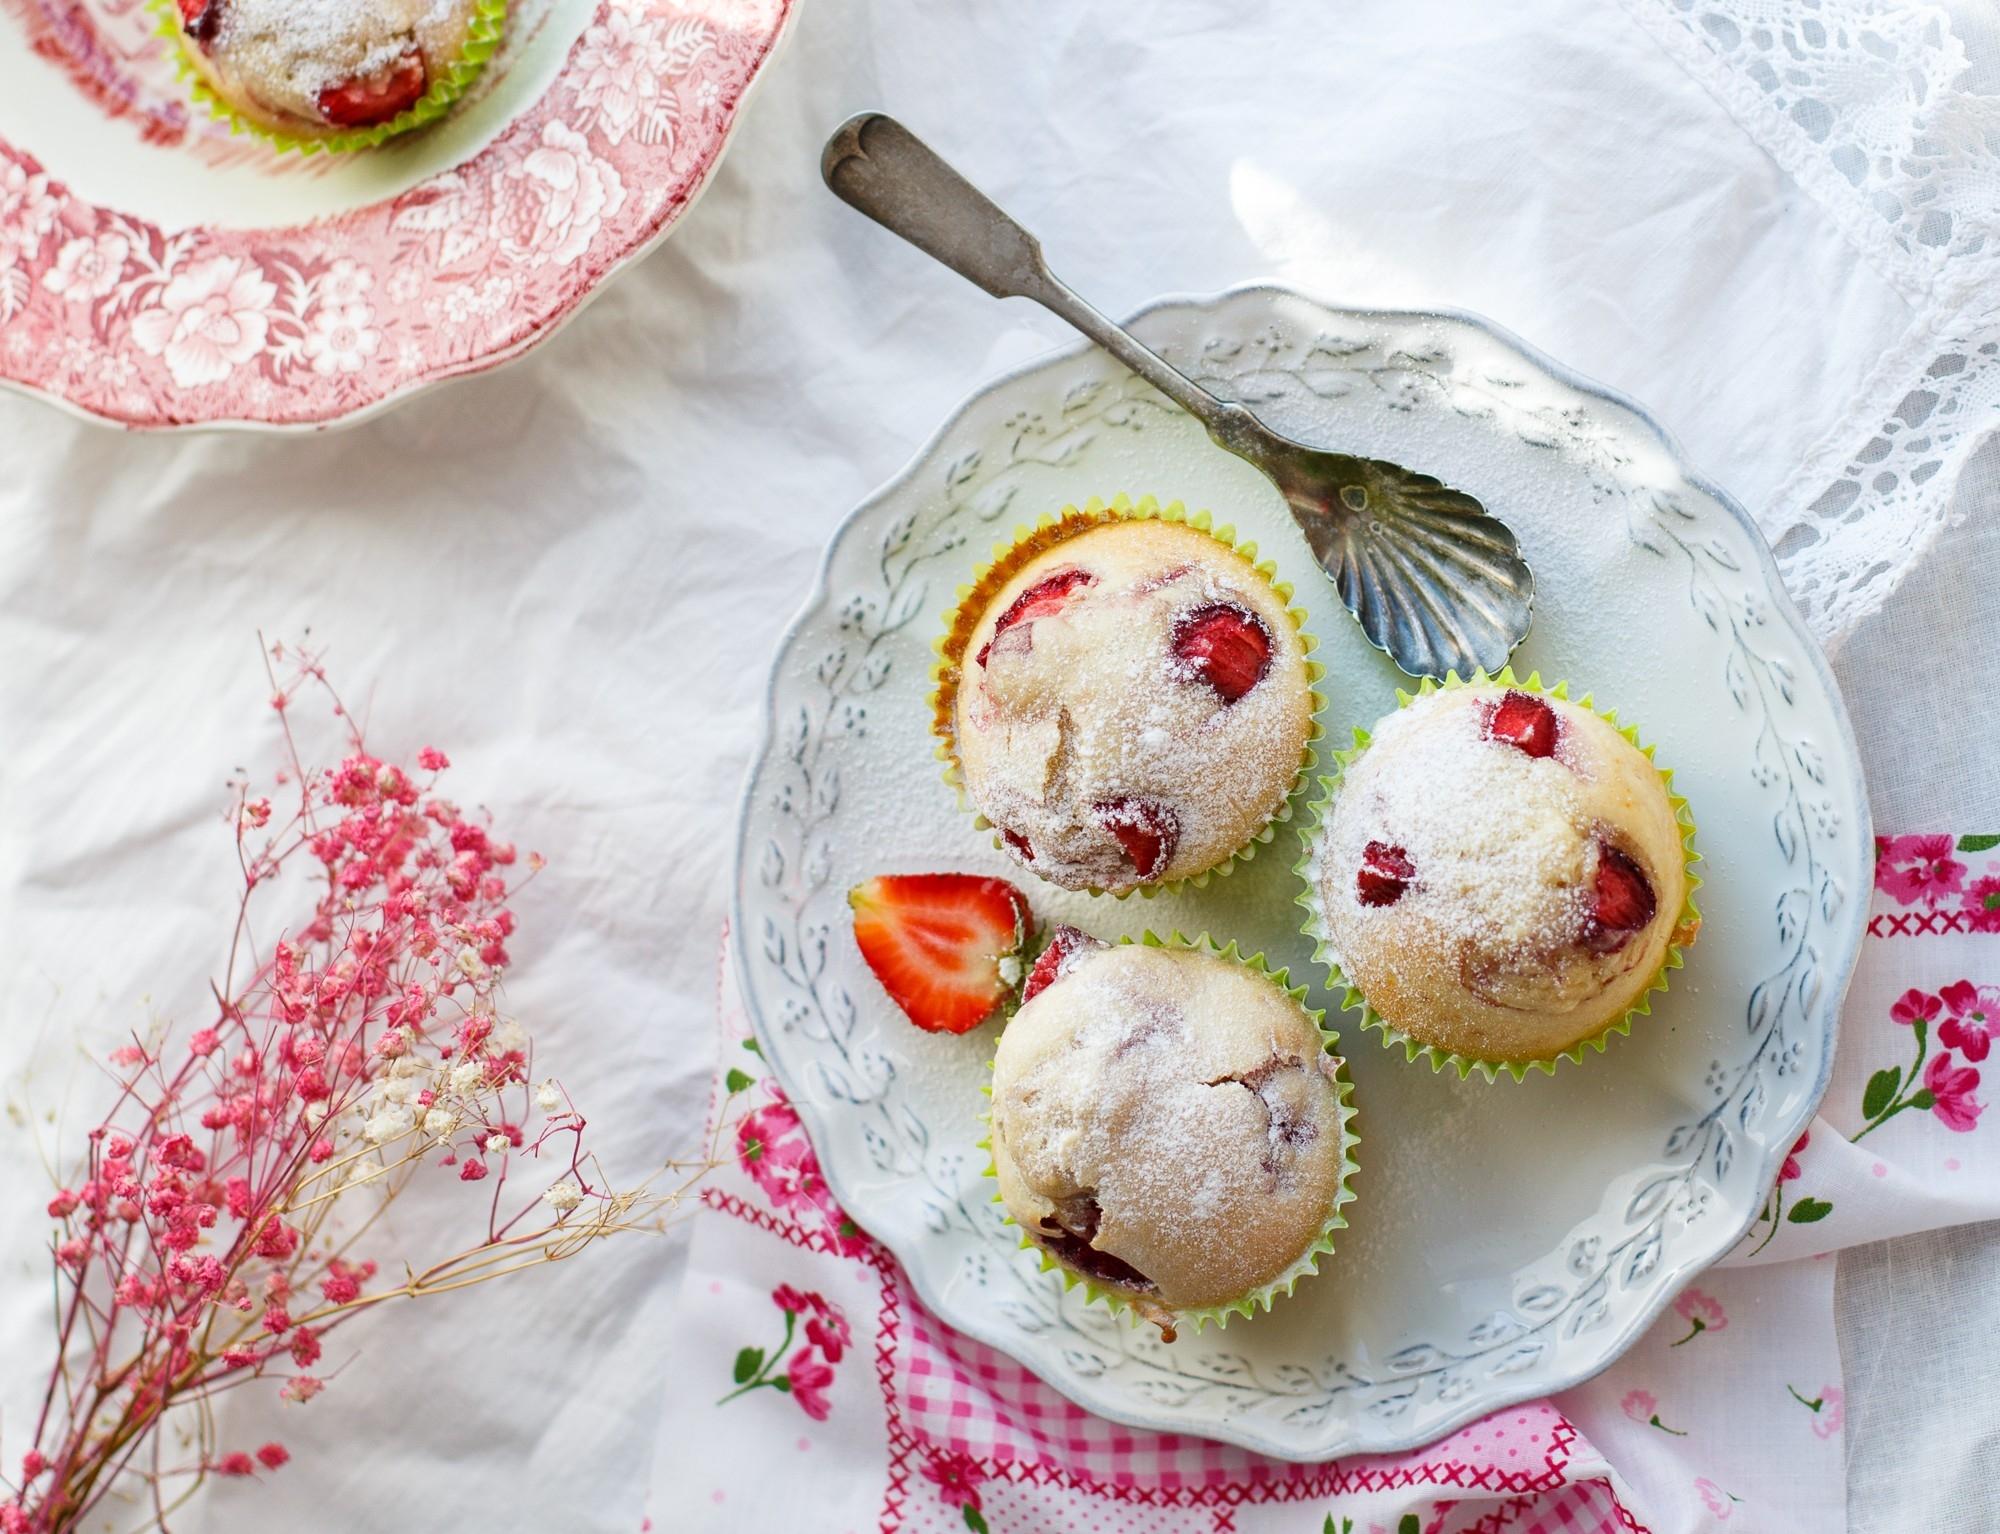 еда ягоды кексы  № 2152793 бесплатно